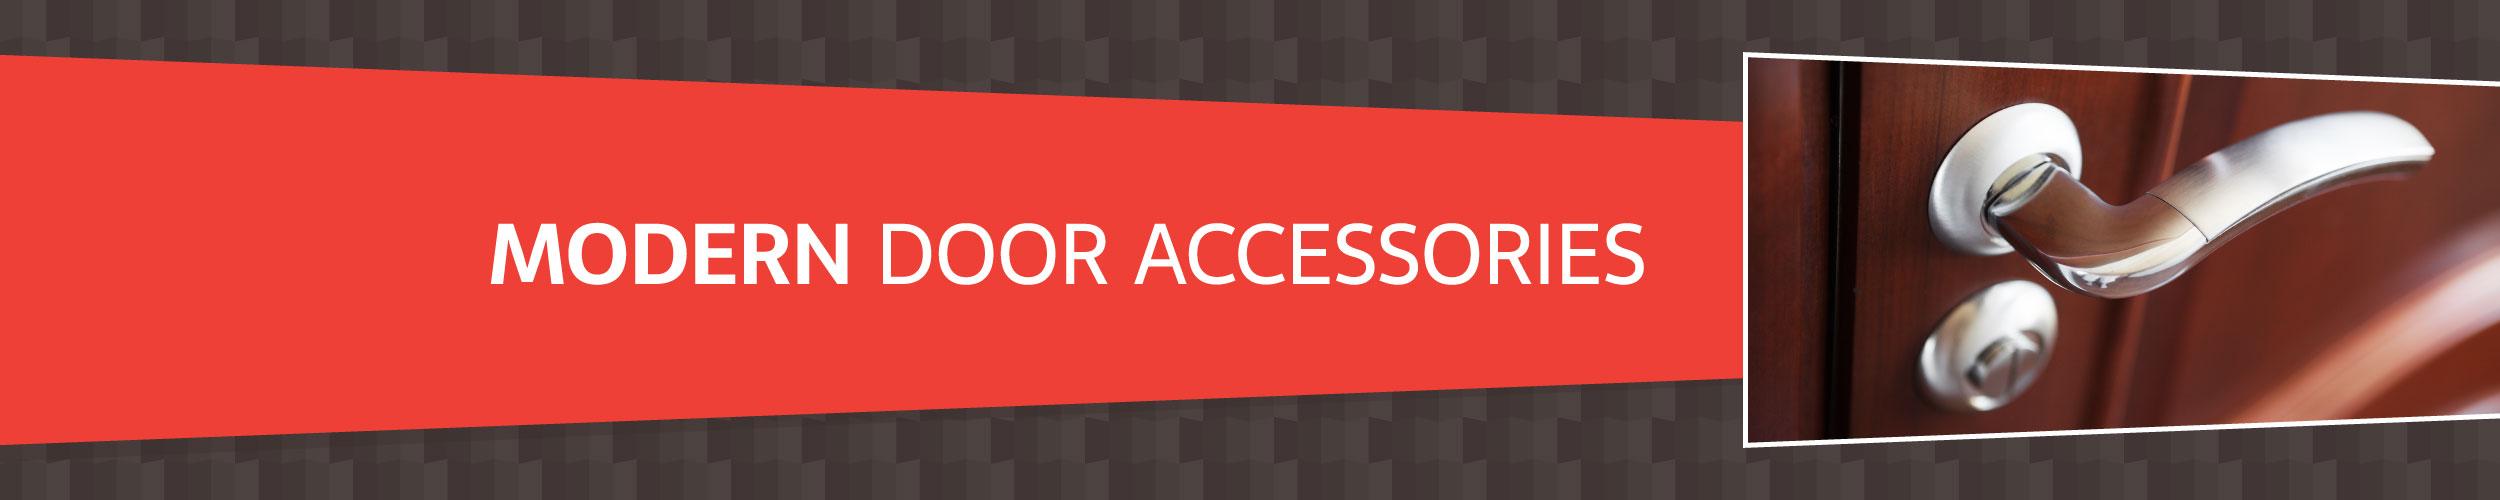 Modern Door Accessories